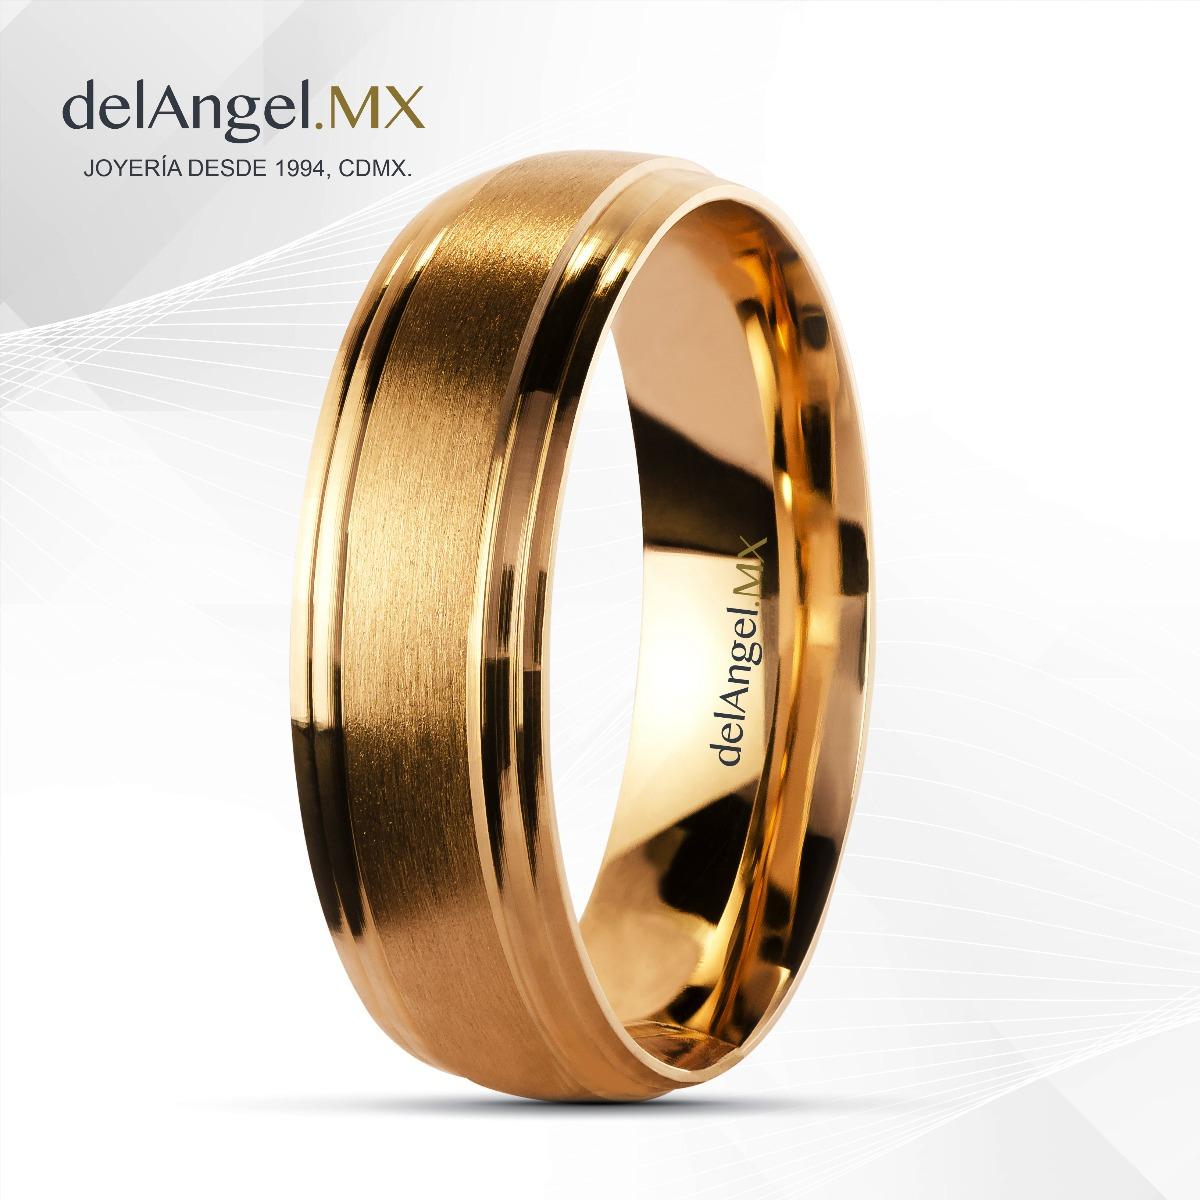 443a9a422e30 anillos matrimonio oro 14k 6mm 13976-146. Cargando zoom.